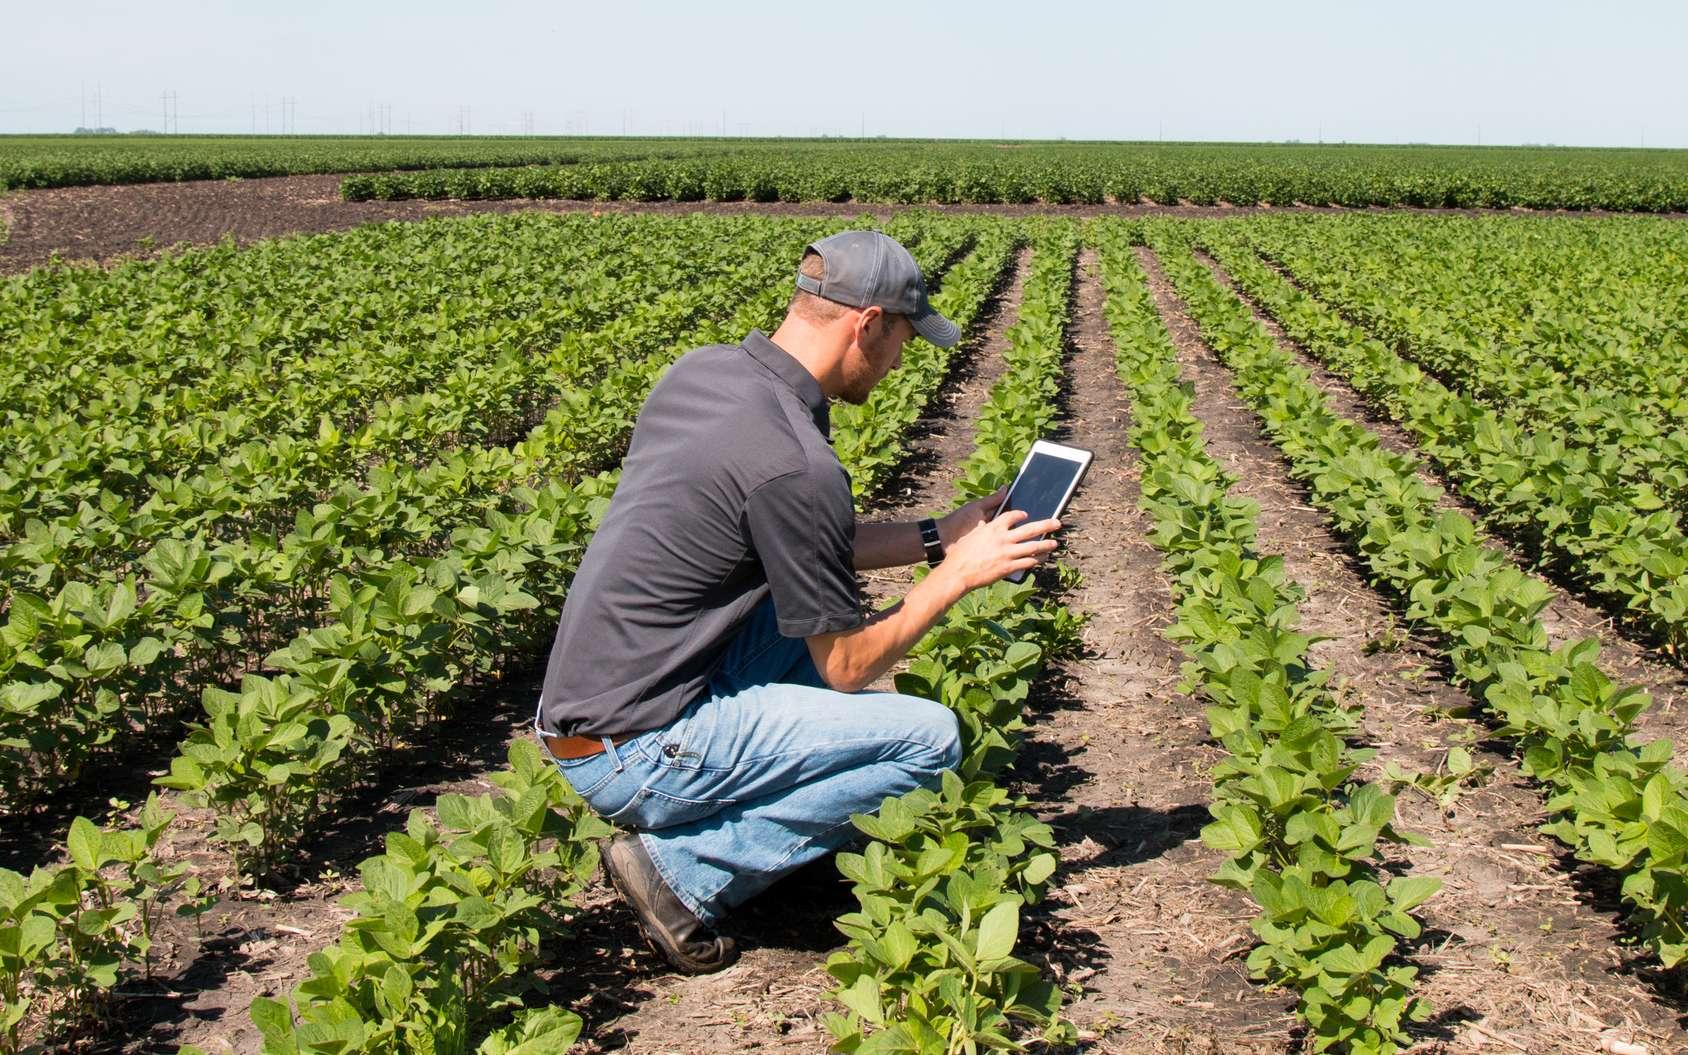 Sélection d'apps pour tablettes et smartphones utiles aux agriculteurs. © Nolan, fotolia